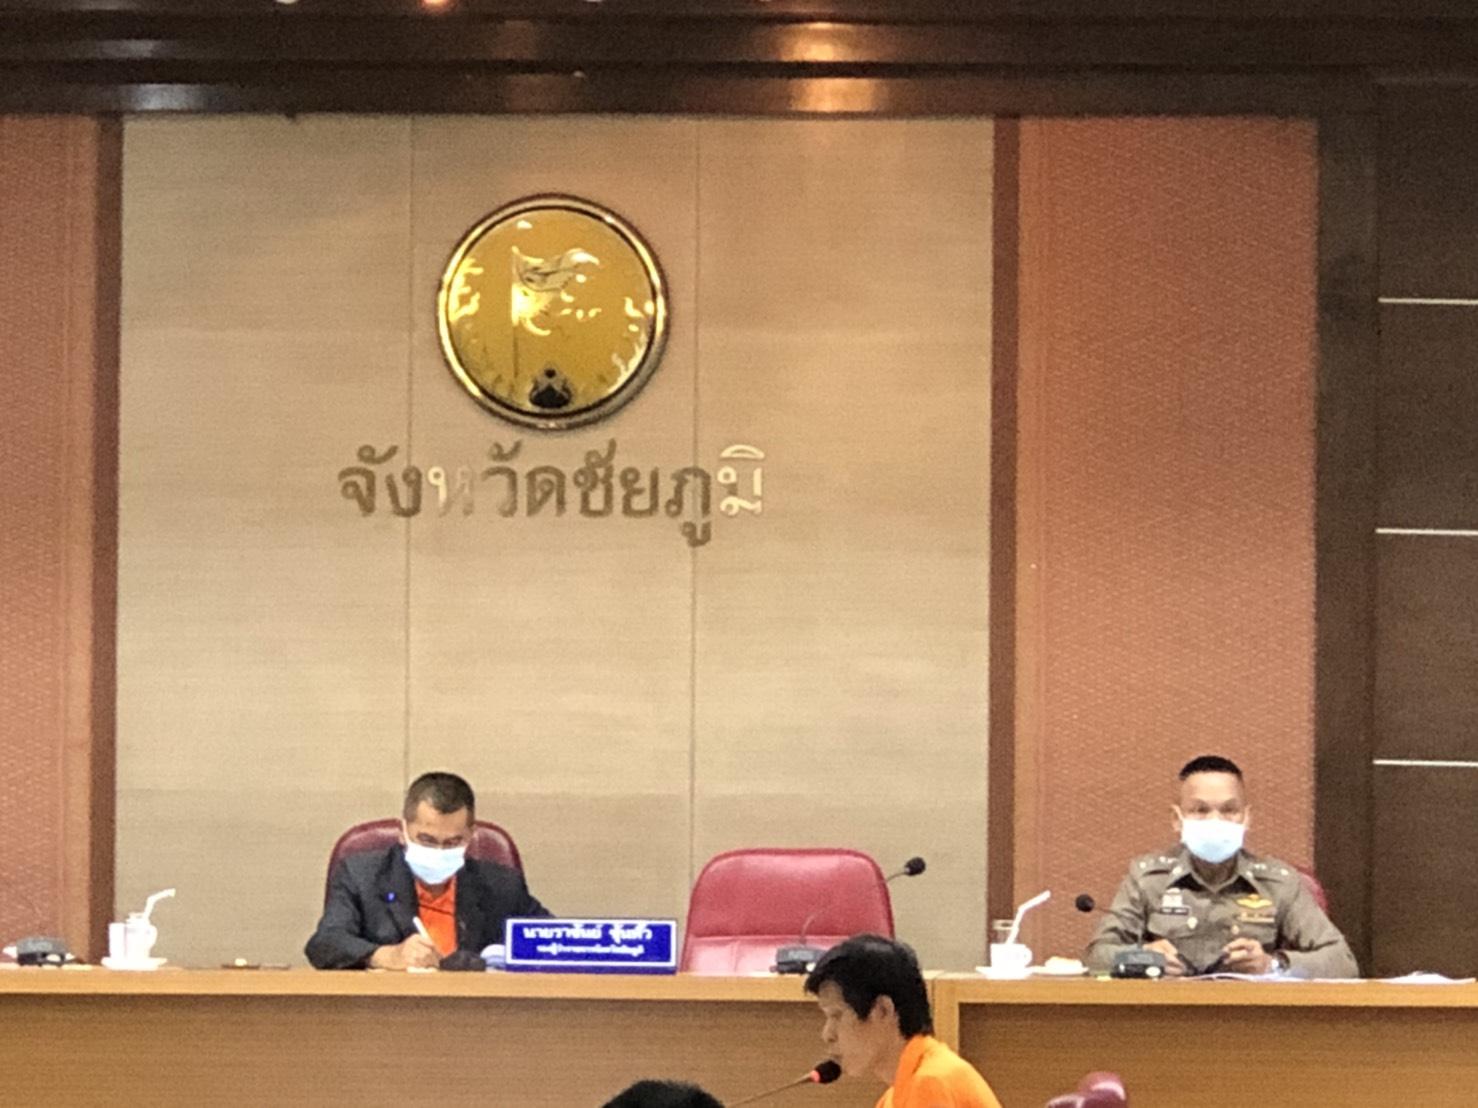 การประชุมคณะกรรมการศูนย์ปฏิบัติการป้องกันและลดอุบัติเหตุทางถนนช่วงเทศกาลสงกรานต์ พ. ศ. 2564